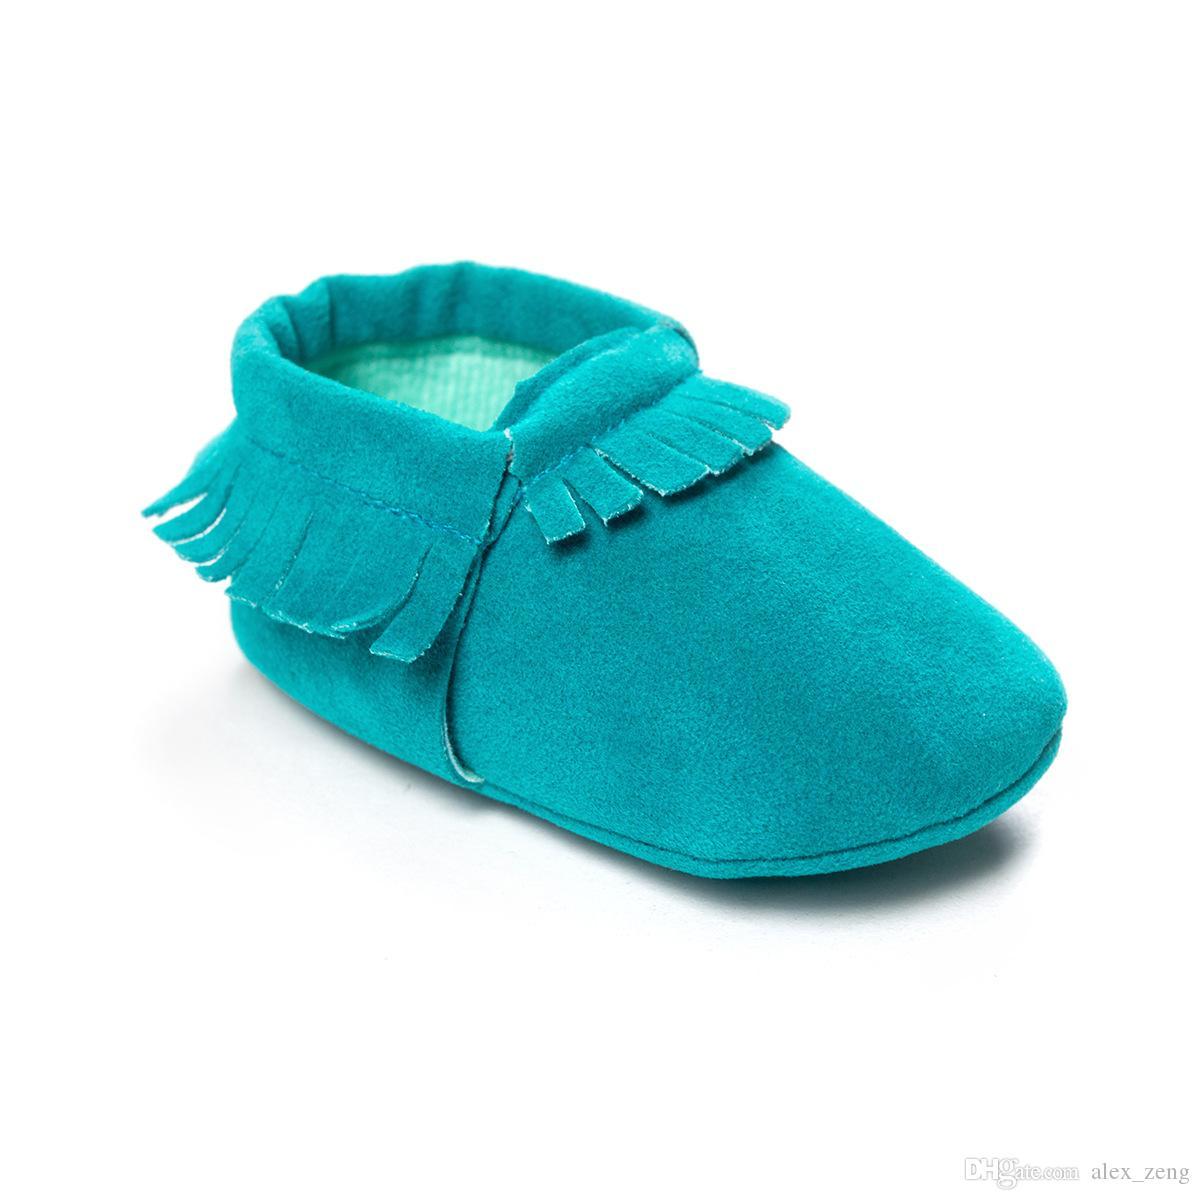 15 لون الطفل الأخفاف لينة وحيد جلد طبيعي الأولى ووكر حذاء طفل الوليد ماتي الملمس الأحذية شرابات maccasions الأحذية